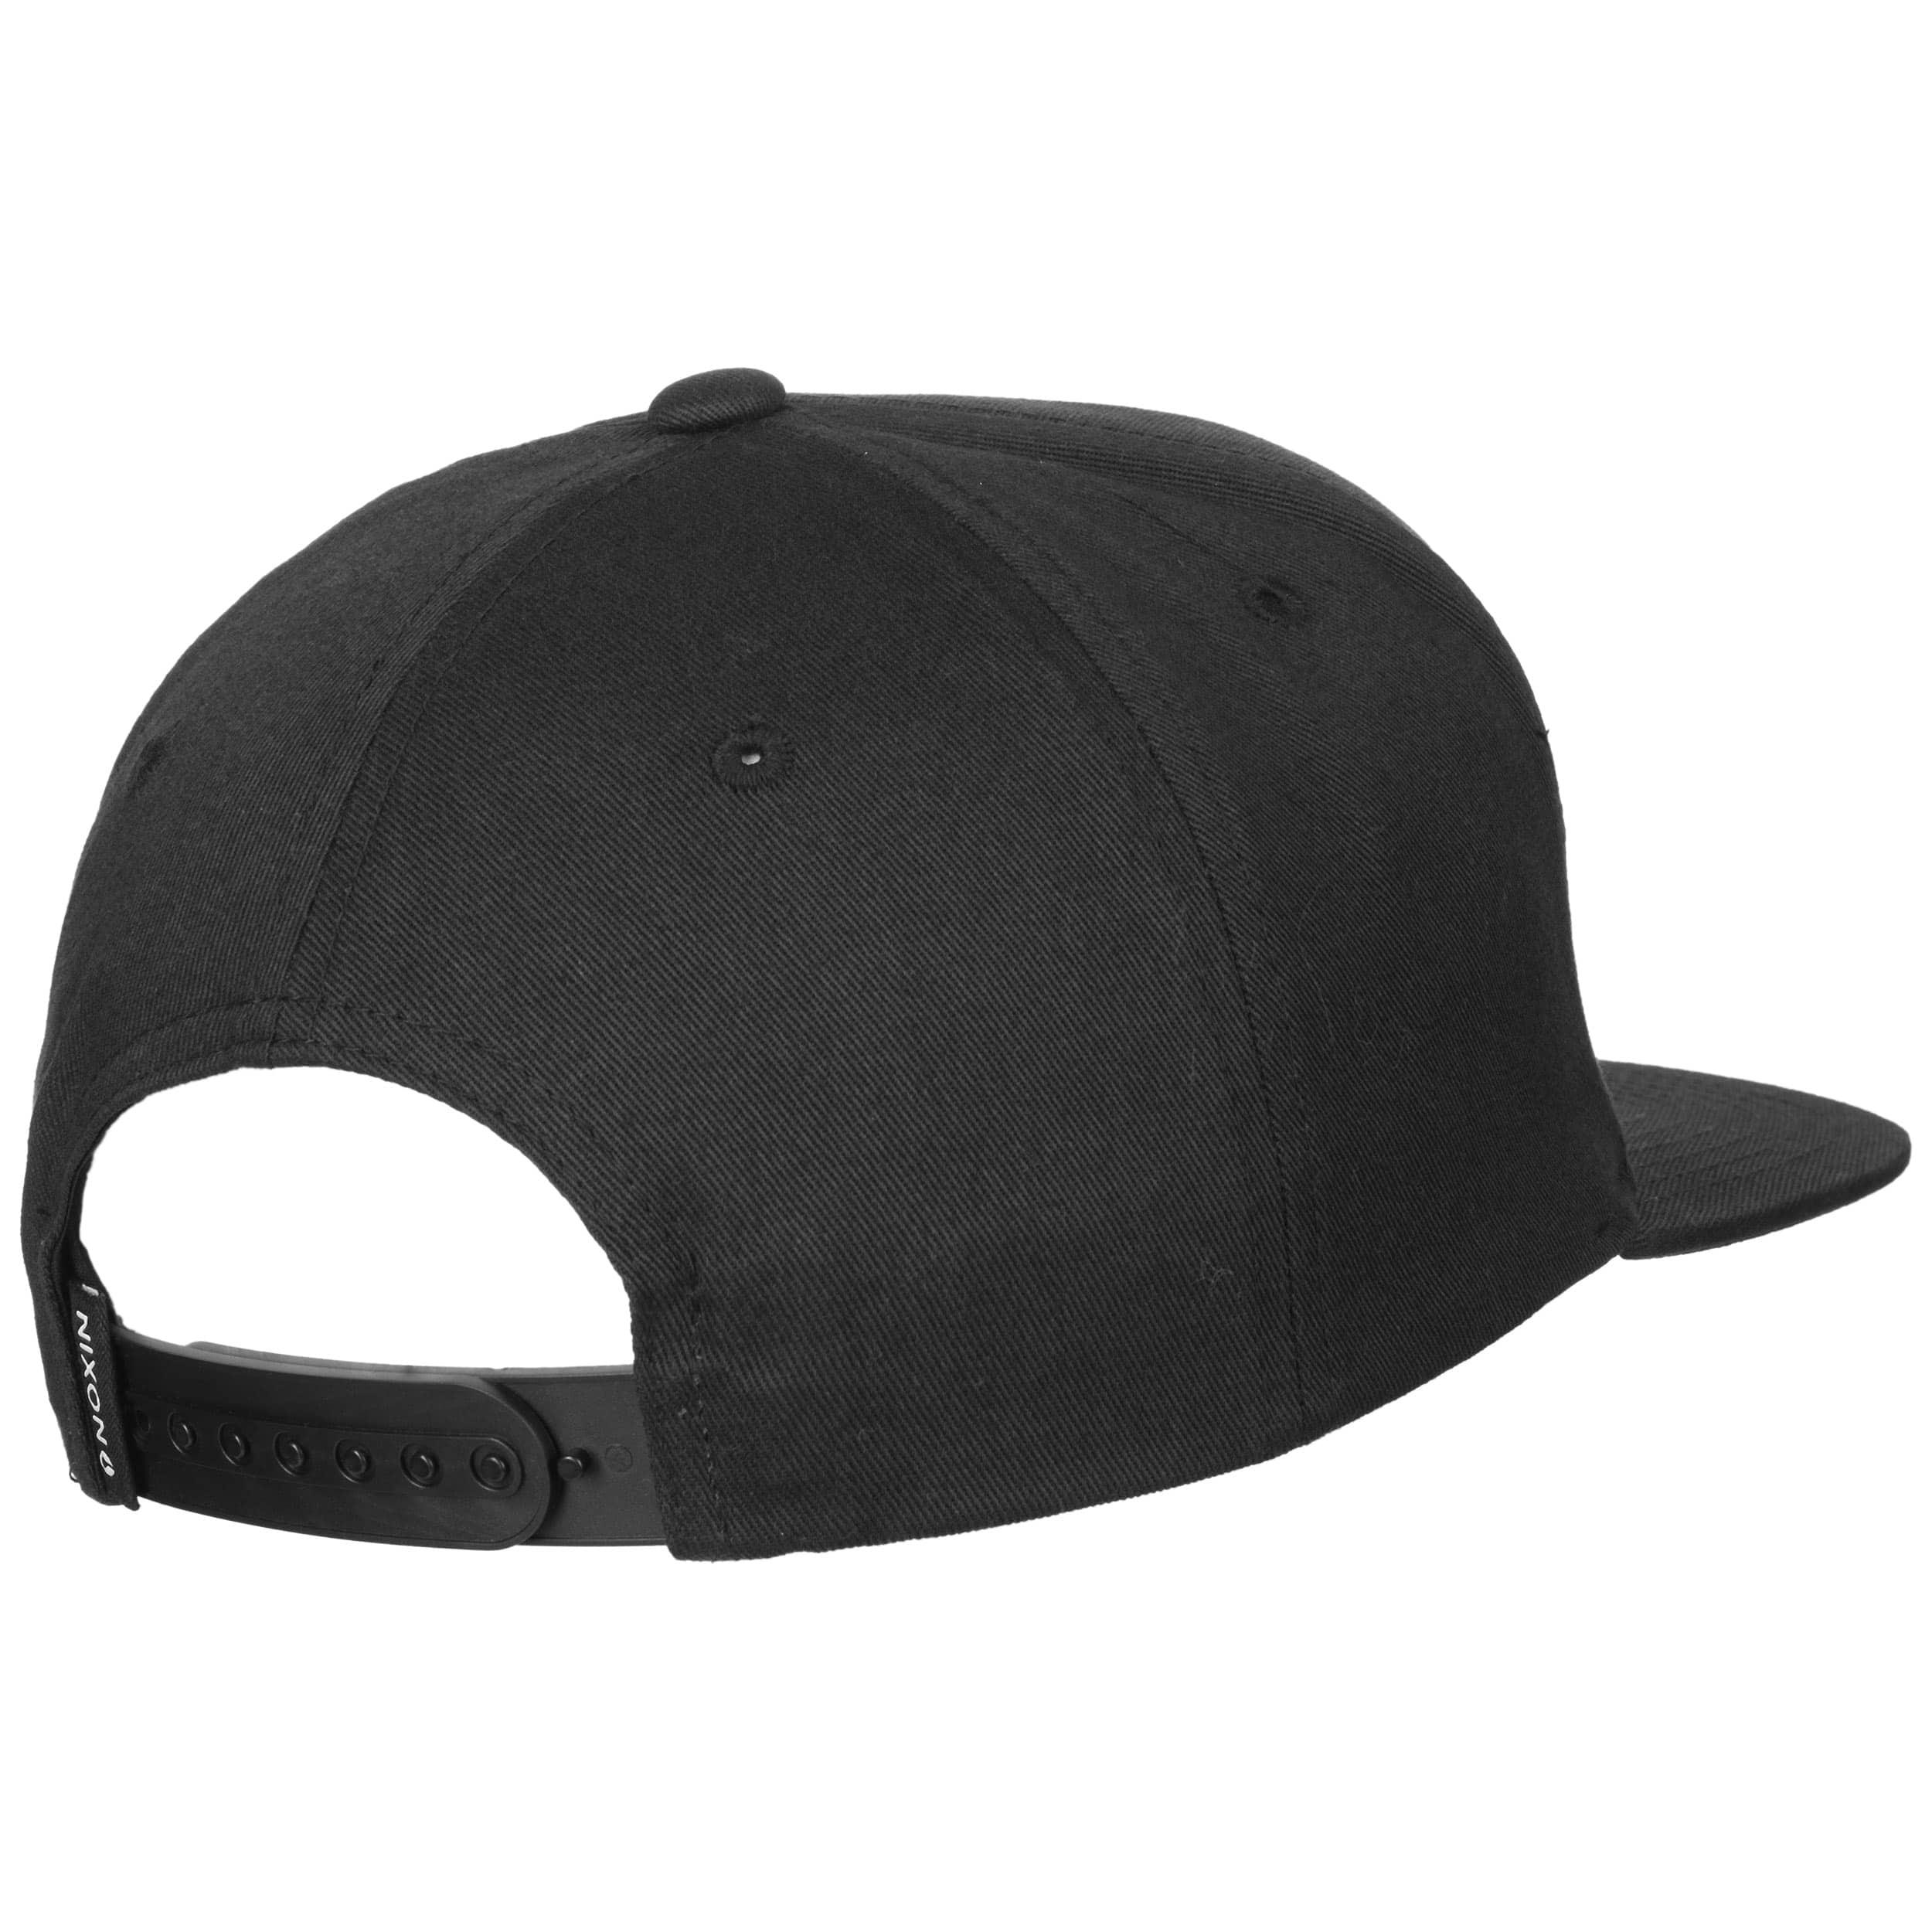 a9e4f805746 ... Snapper Snapback Cap by Nixon - black 3 ...